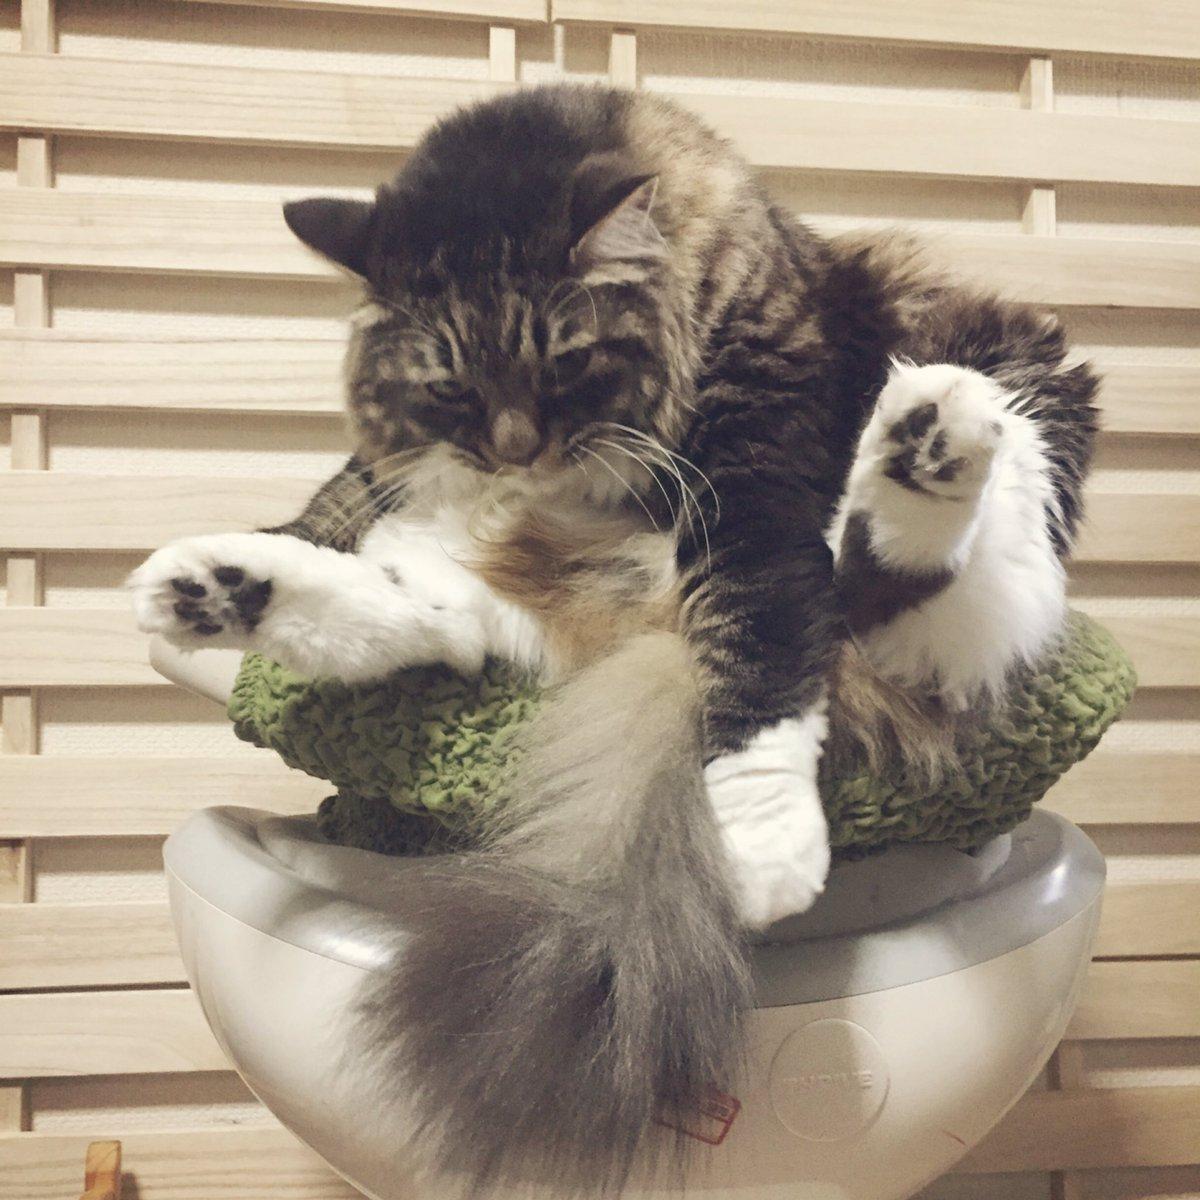 わけわかんない座り方してる松太郎、好き